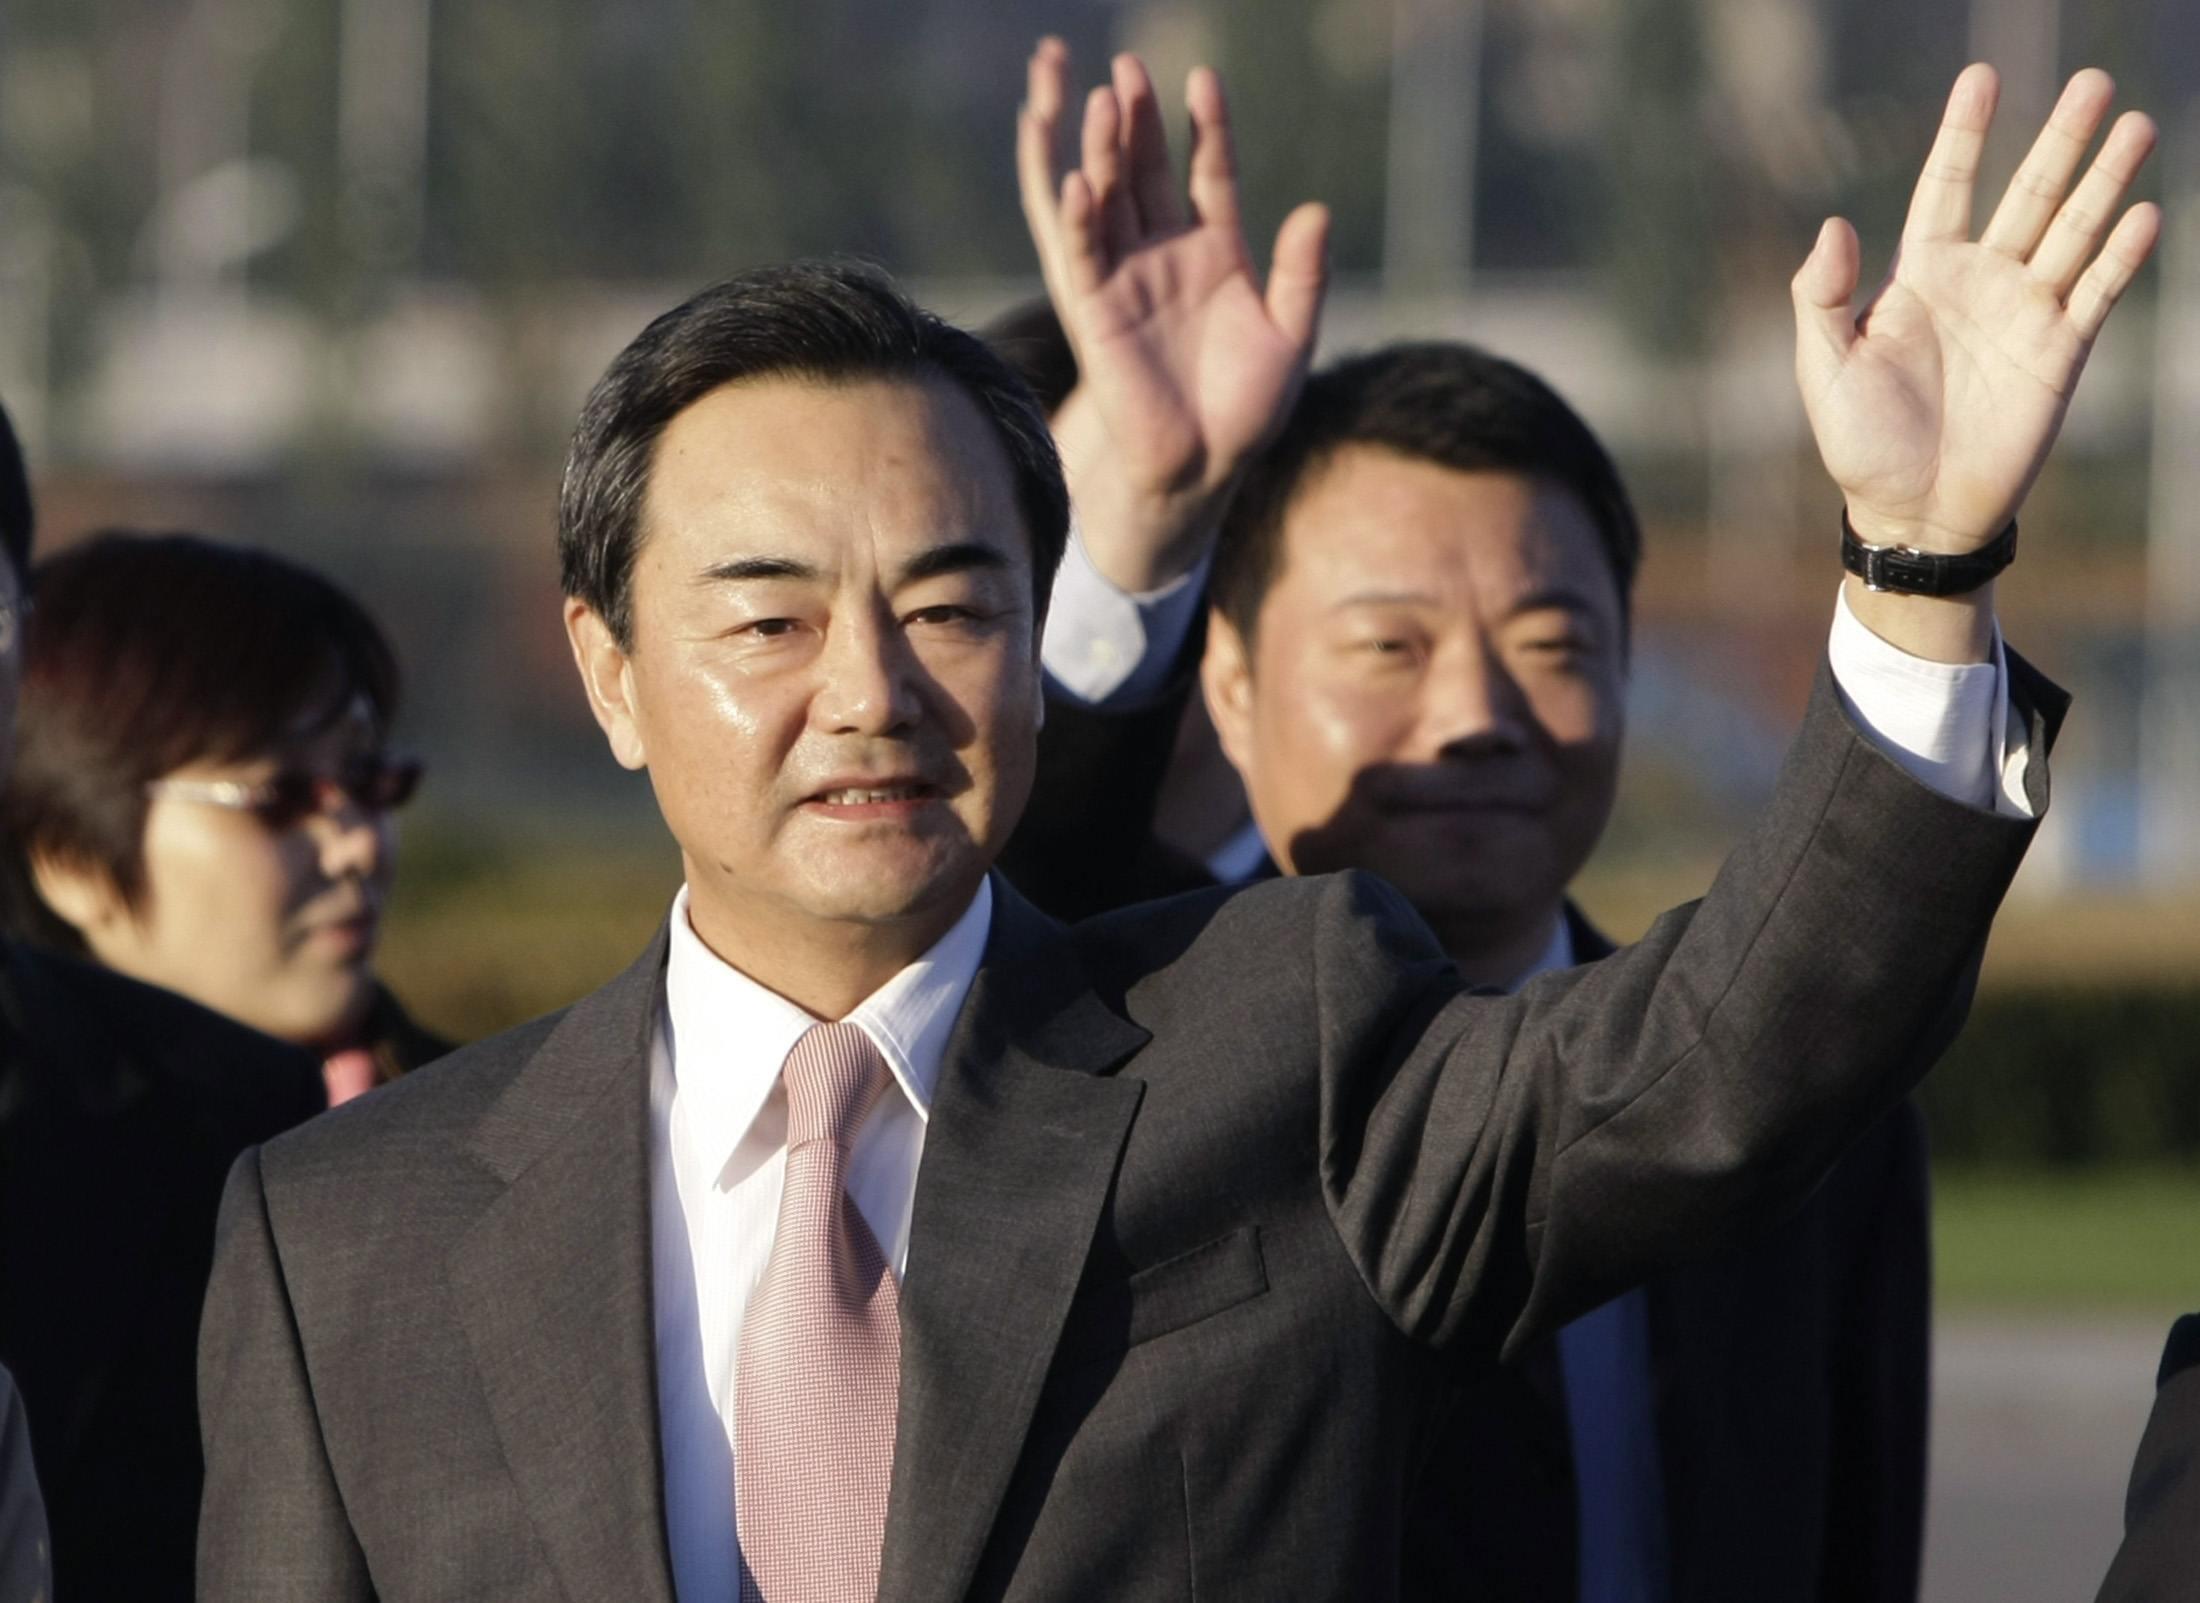 Ngoại trưởng Trung Quốc Vương Nghị (REUTERS /Jason Lee)